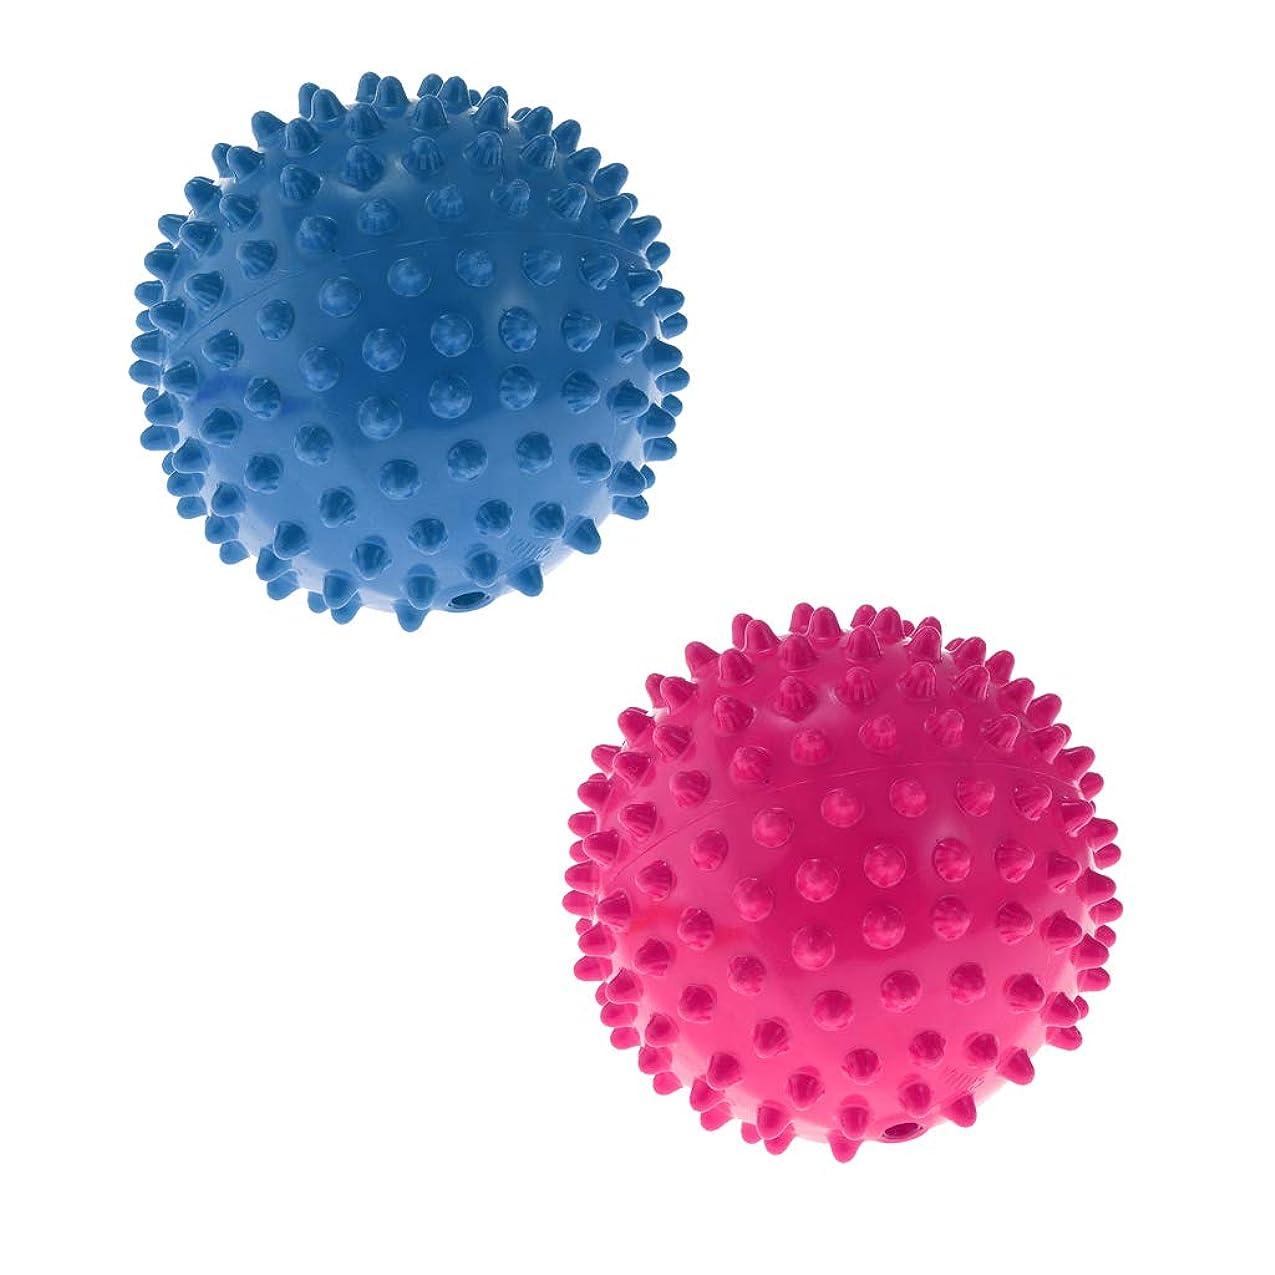 変更可能反逆急速なPerfeclan マッサージローラー マッサージボール 触覚ボール リハビリ ヨガ練習 10CM 2色 2ピース入り